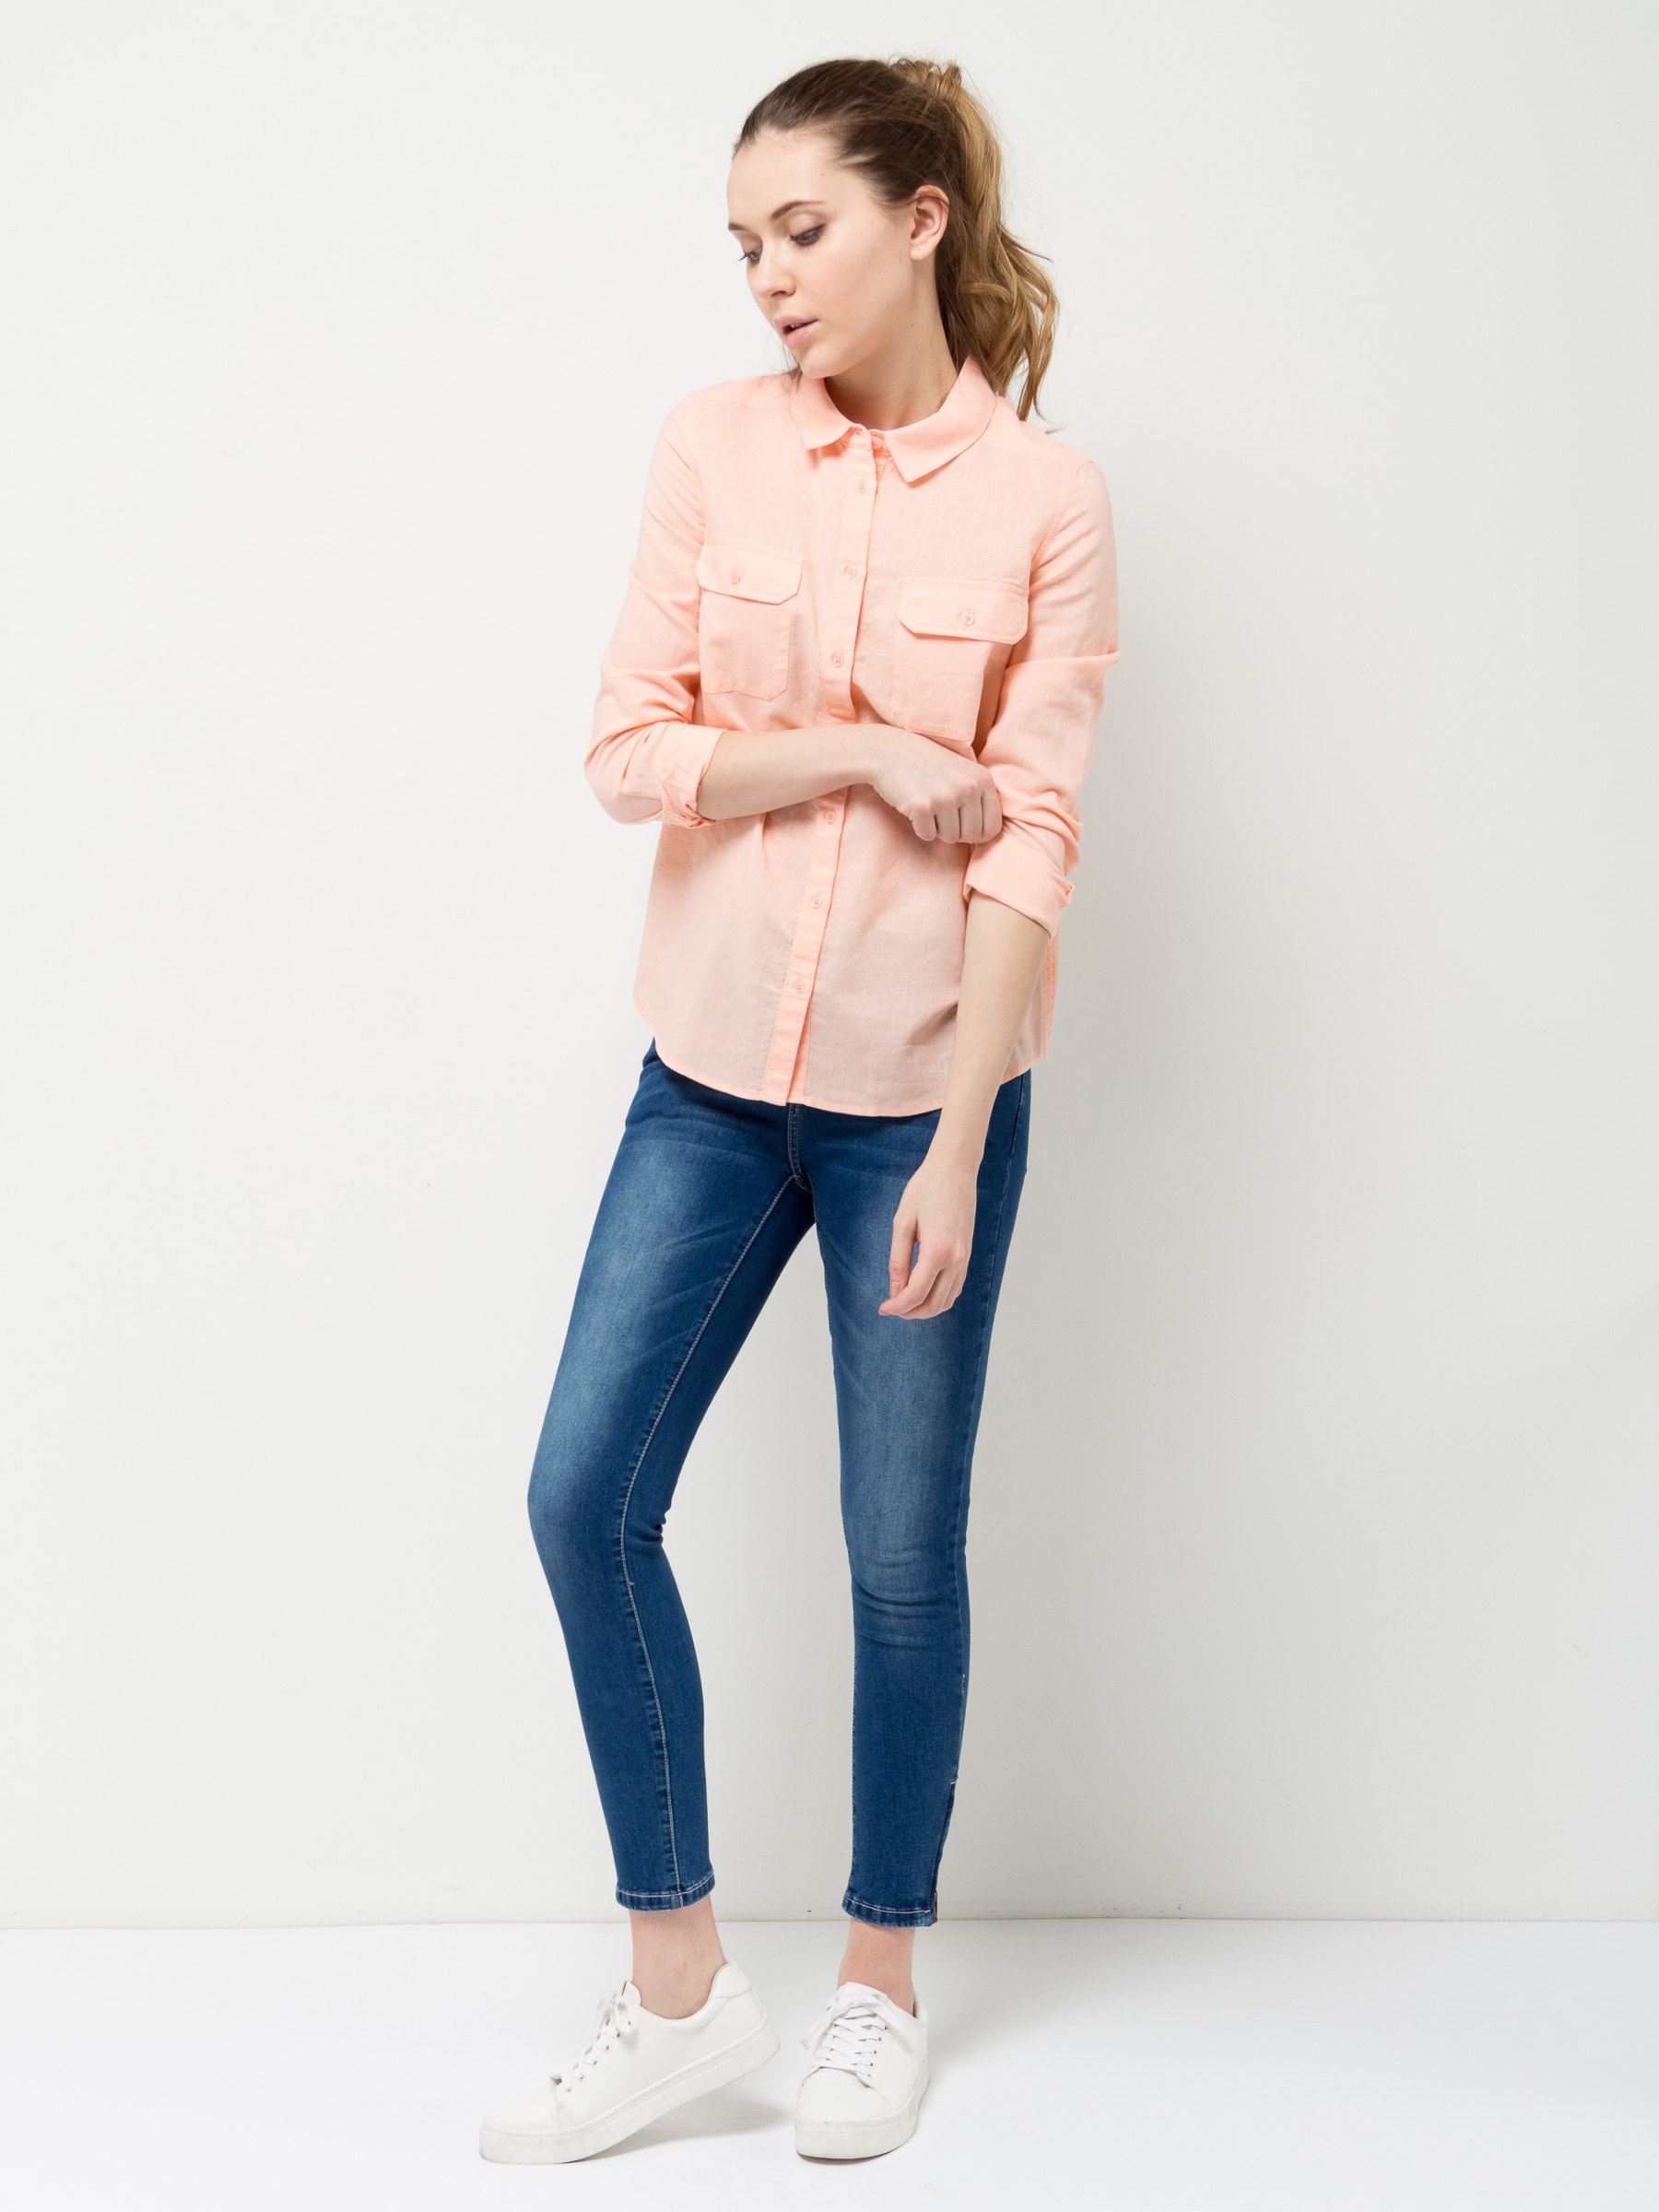 Рубашка женская Sela, цвет: светло-персиковый. B-112/1189-7162. Размер 46B-112/1189-7162Классическая женская рубашка Sela выполнена изо льна с добавлением хлопка. Модель прямого кроя с отложным воротничком застегивается на пуговицы и дополнена двумя накладными карманами с клапанами. Манжеты длинных рукавов с опцией подгибки также дополнены пуговицами. Рубашка подойдет для офиса, прогулок и дружеских встреч и будет отлично сочетаться с джинсами и брюками, и гармонично смотреться с юбками. Мягкая ткань комфортна и приятна на ощупь.